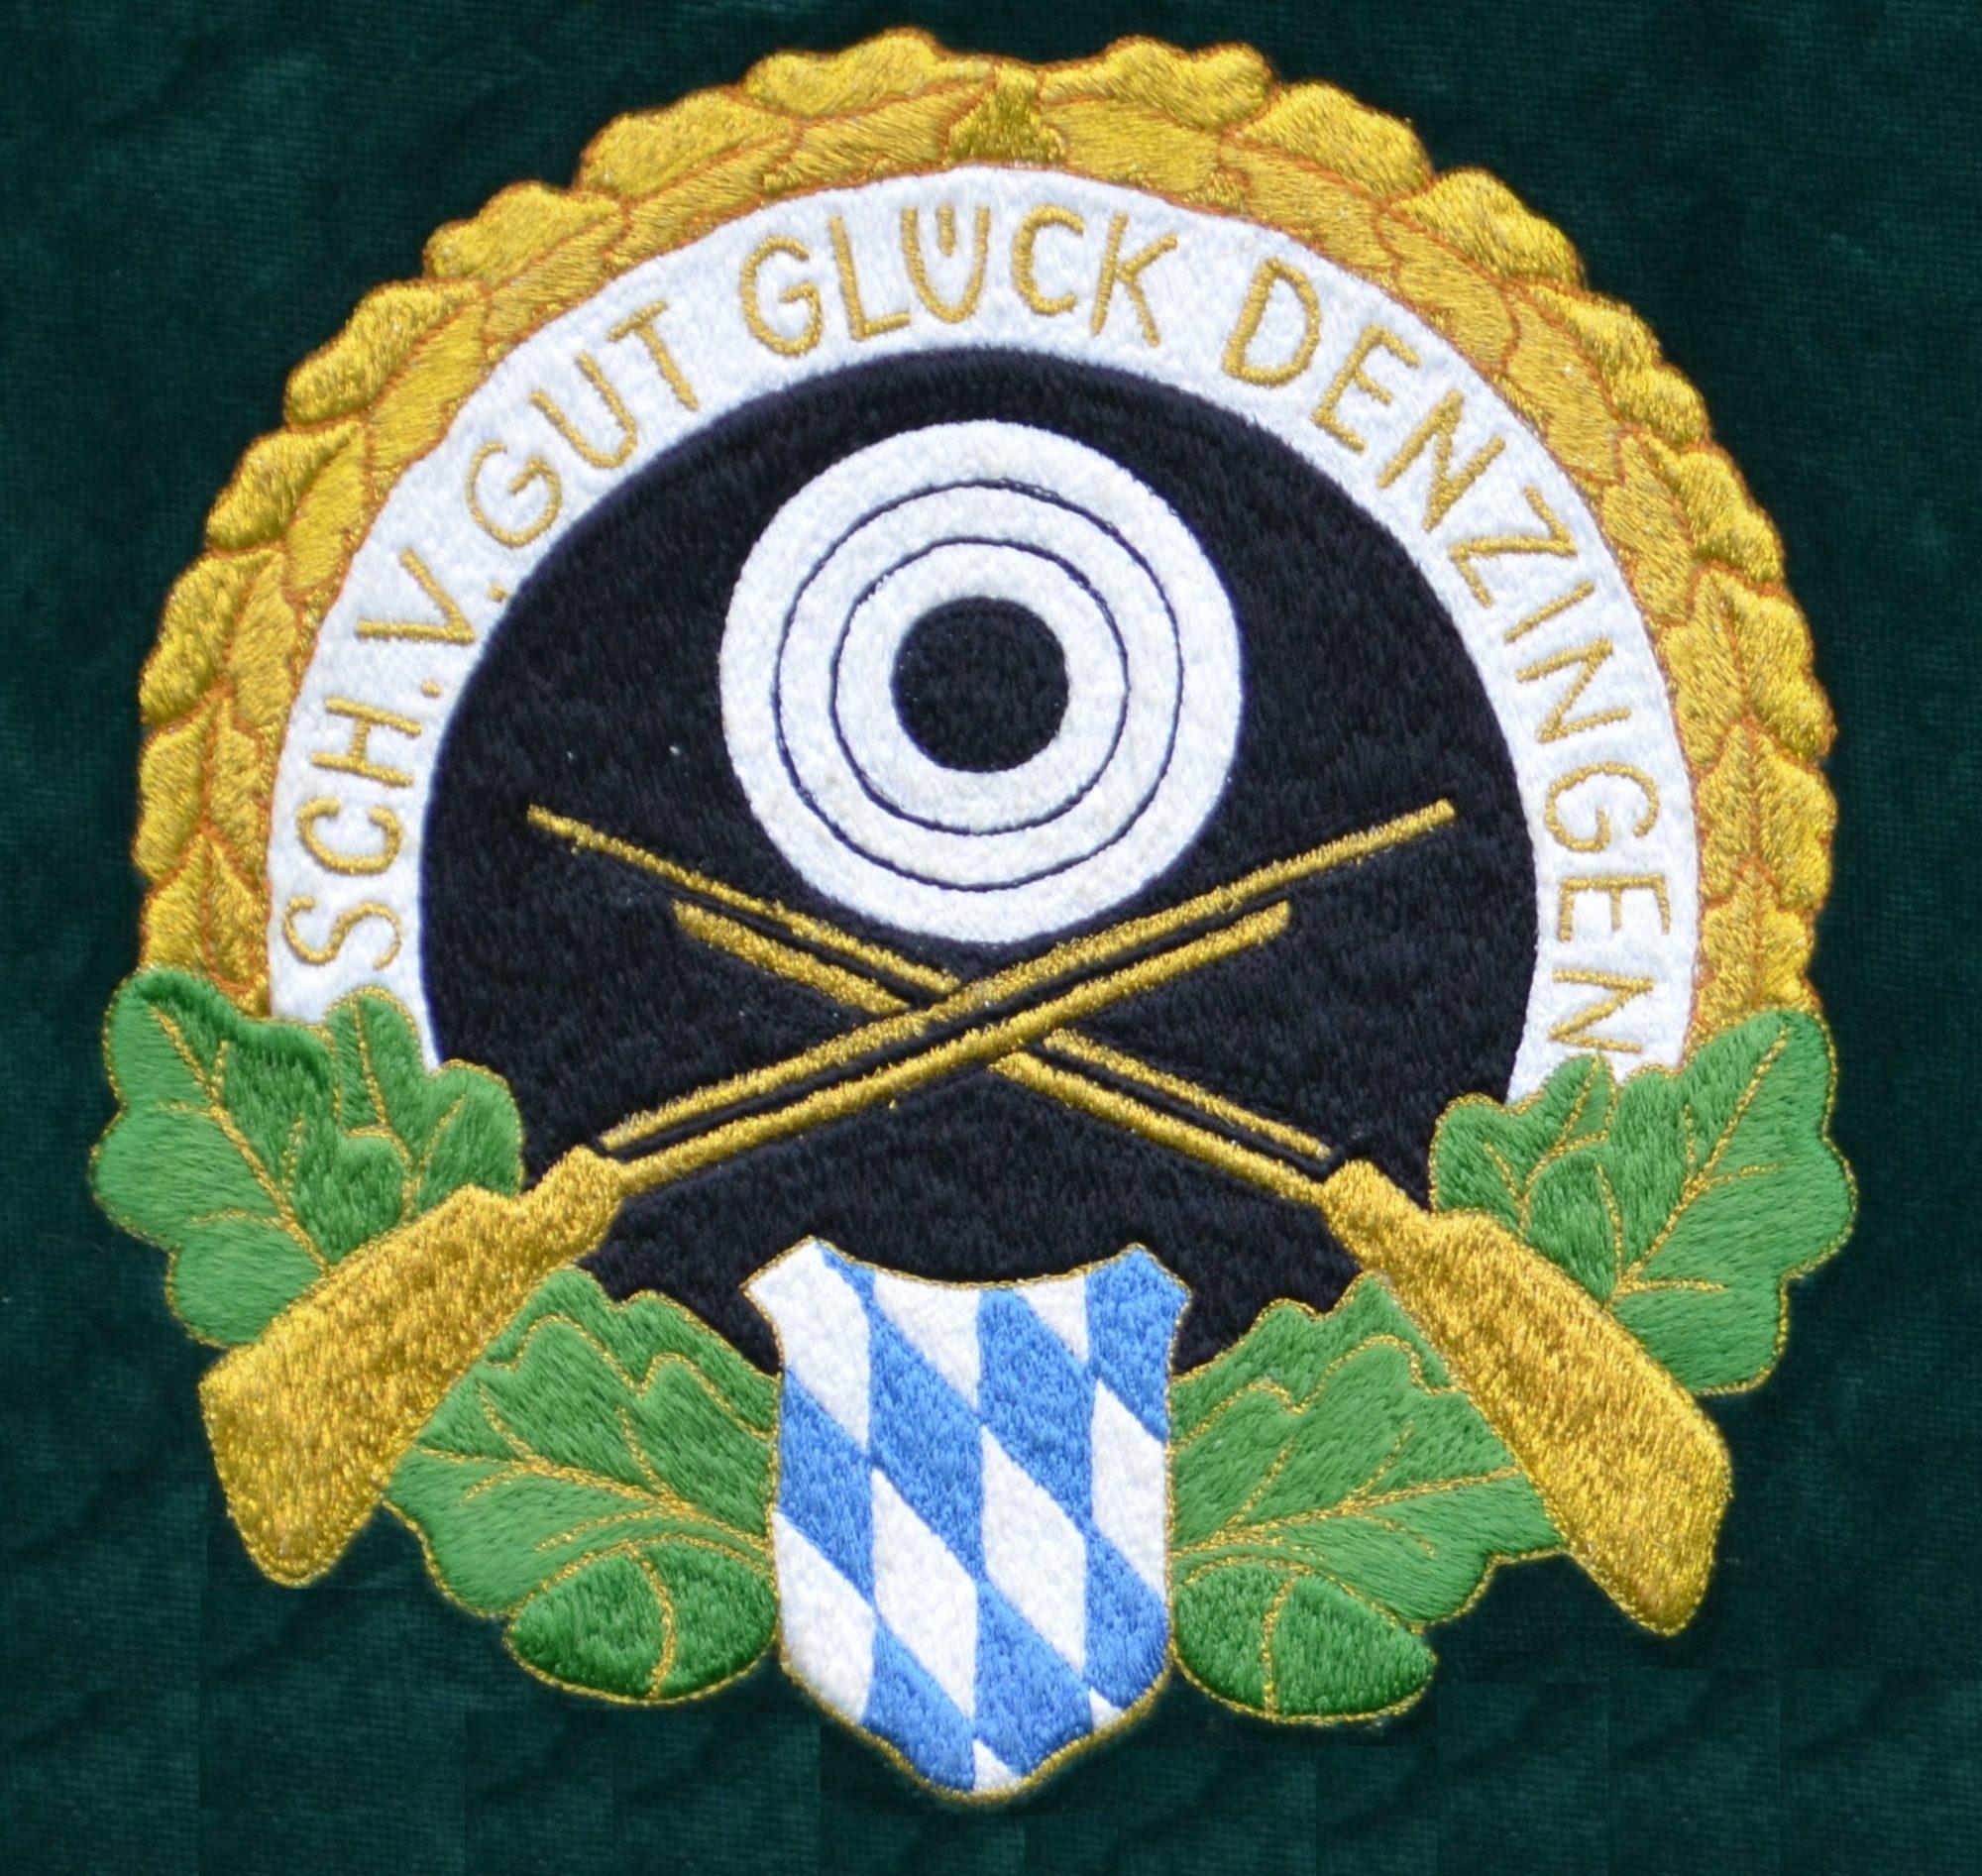 Der Schützenverein im Stadtteil in dem SPORT und GESELLIGKEIT gleich GROSS geschrieben werden